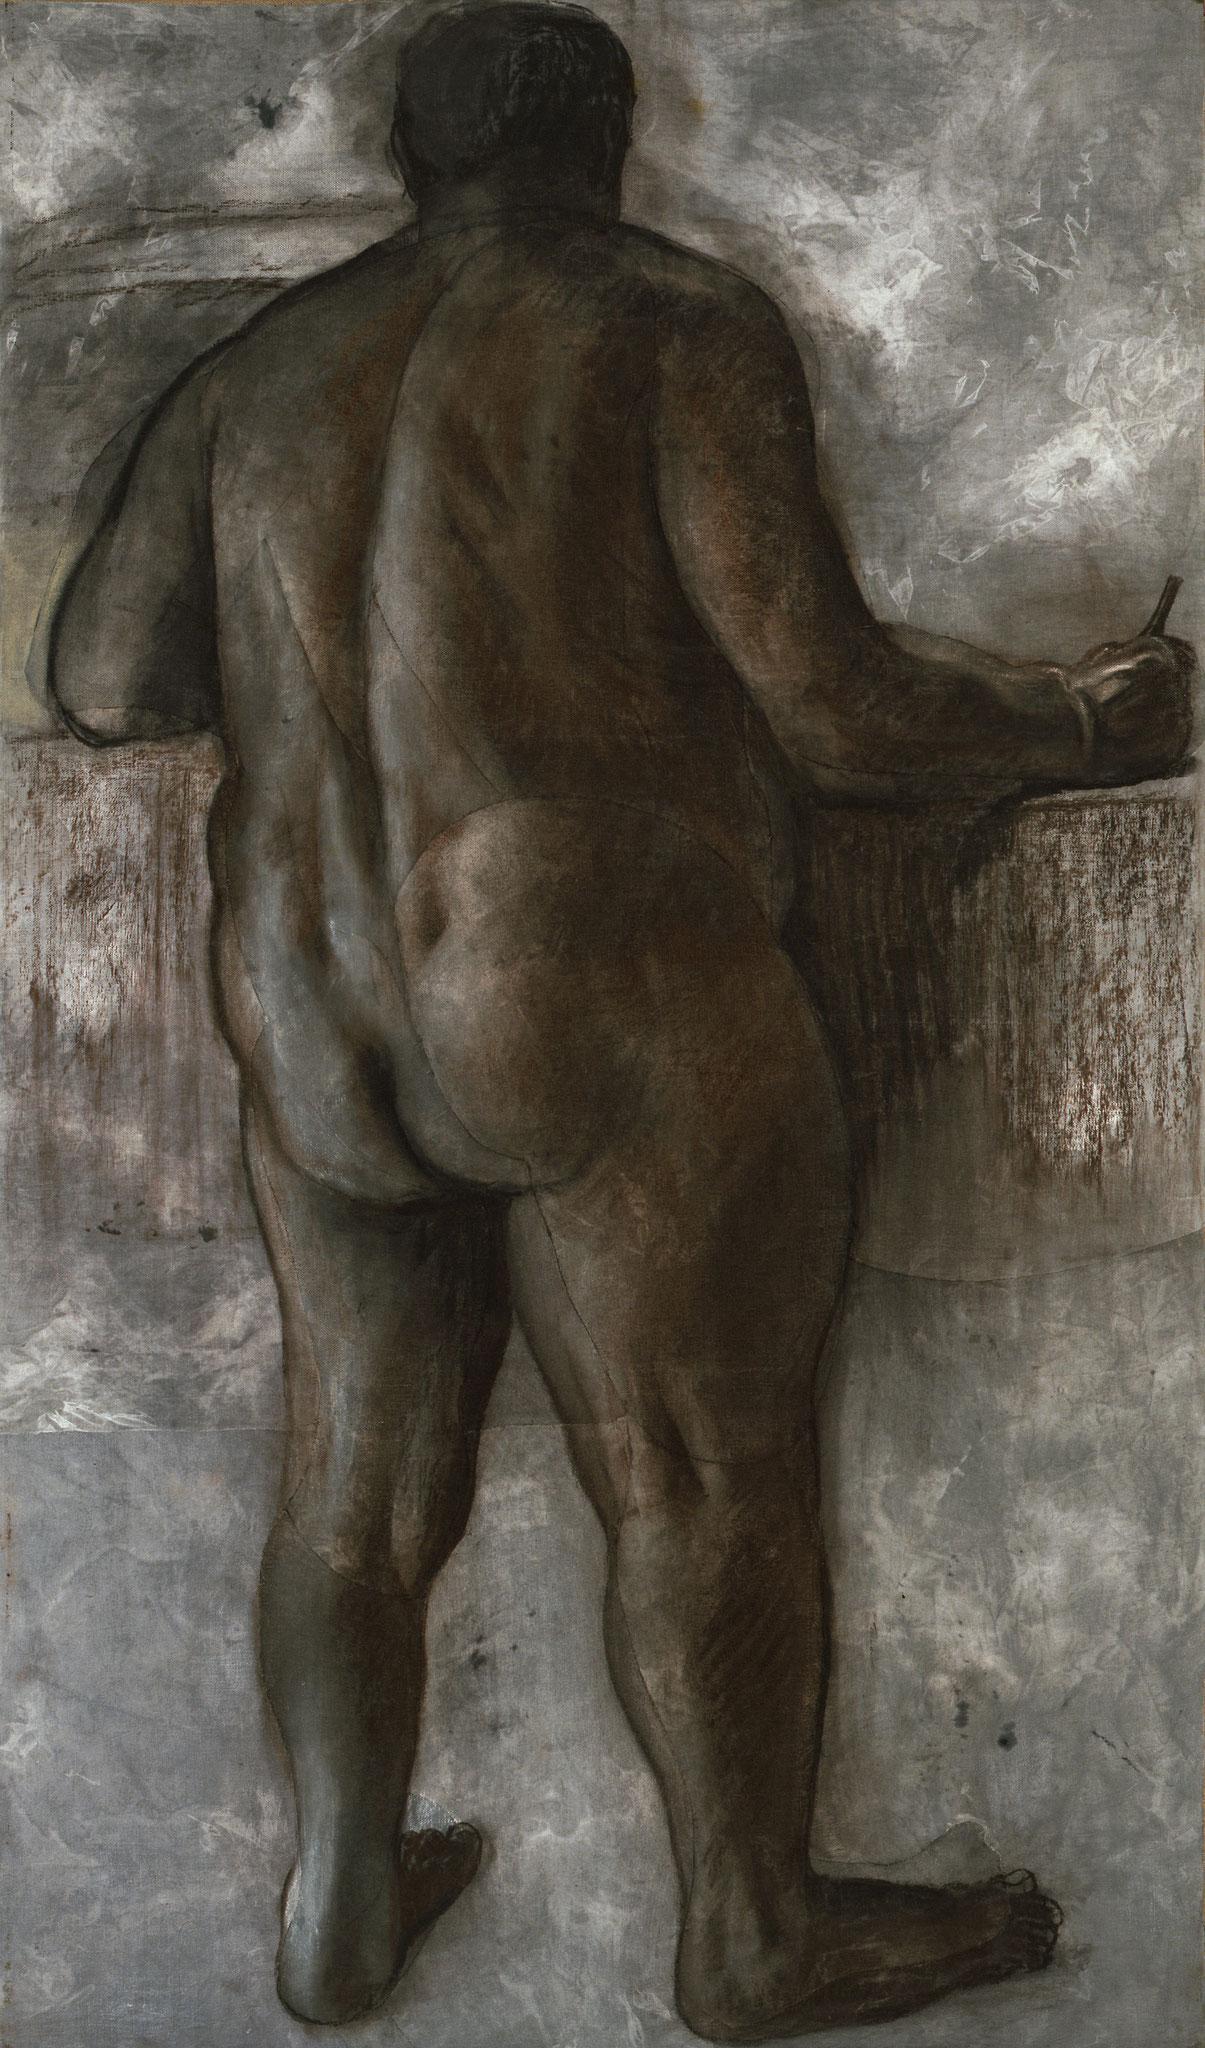 2000. 189 x 111 cm. Fusain et pastel sur lès de toile marouflés sur toile.